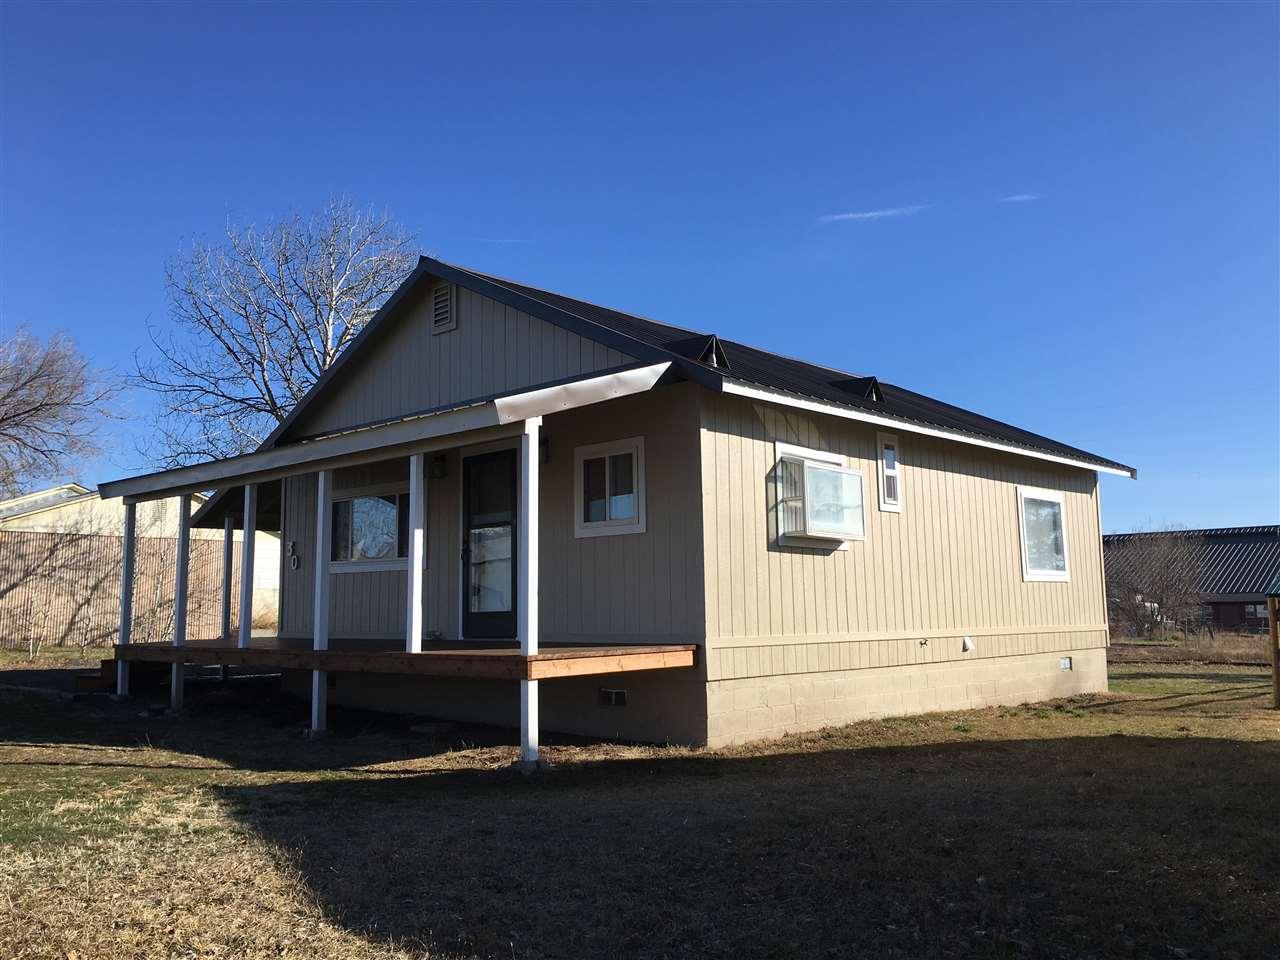 独户住宅 为 销售 在 30 N Fifth Street 30 N Fifth Street Cambridge, 爱达荷州 83610